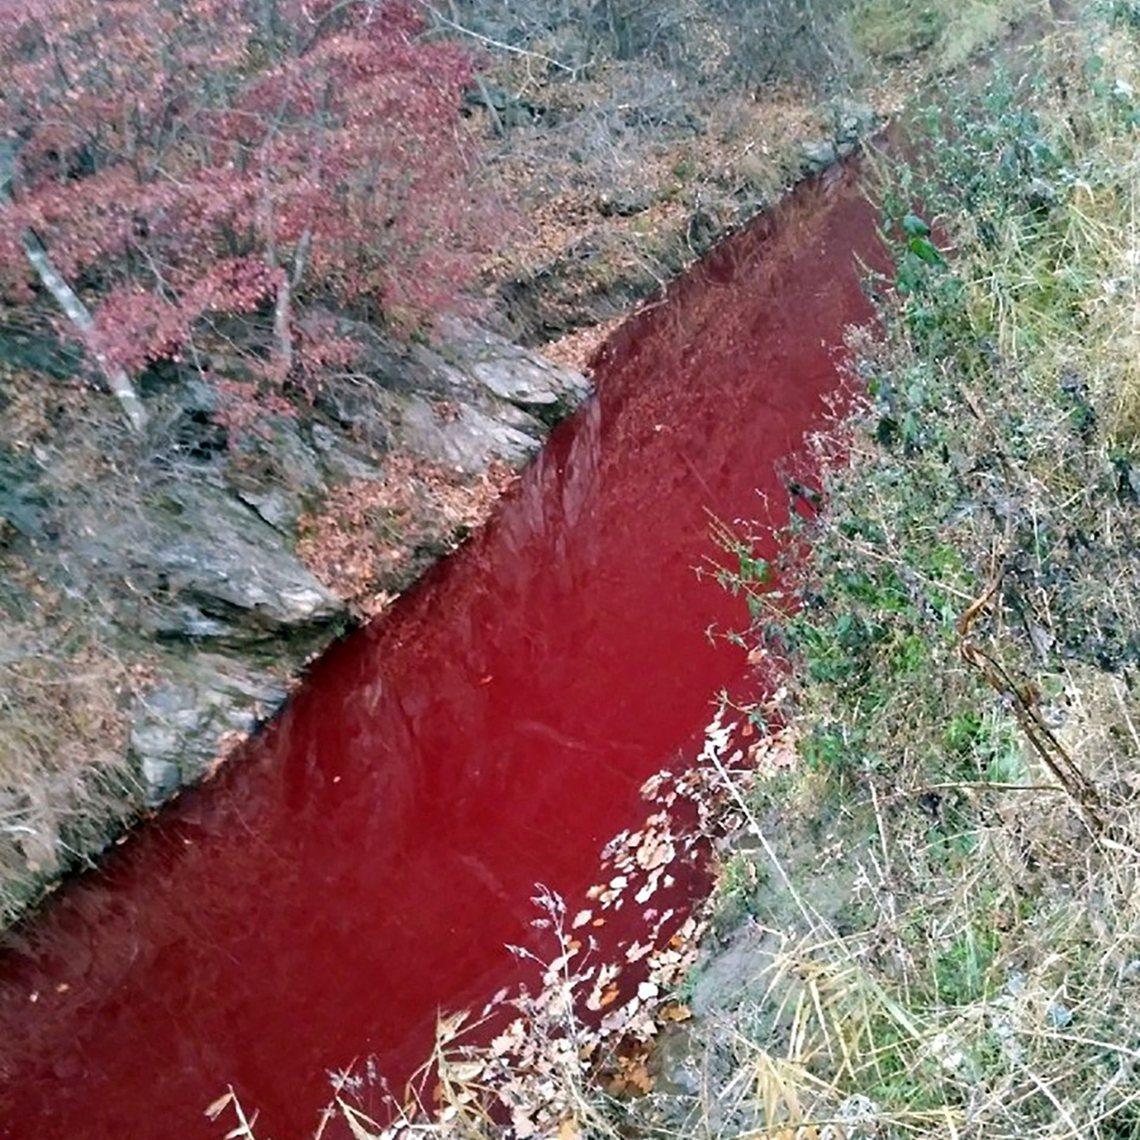 南韓臨津江的血河慘況,其實源於上游沿岸「非洲豬瘟臨時掩埋場」的處理不當,才讓4萬...